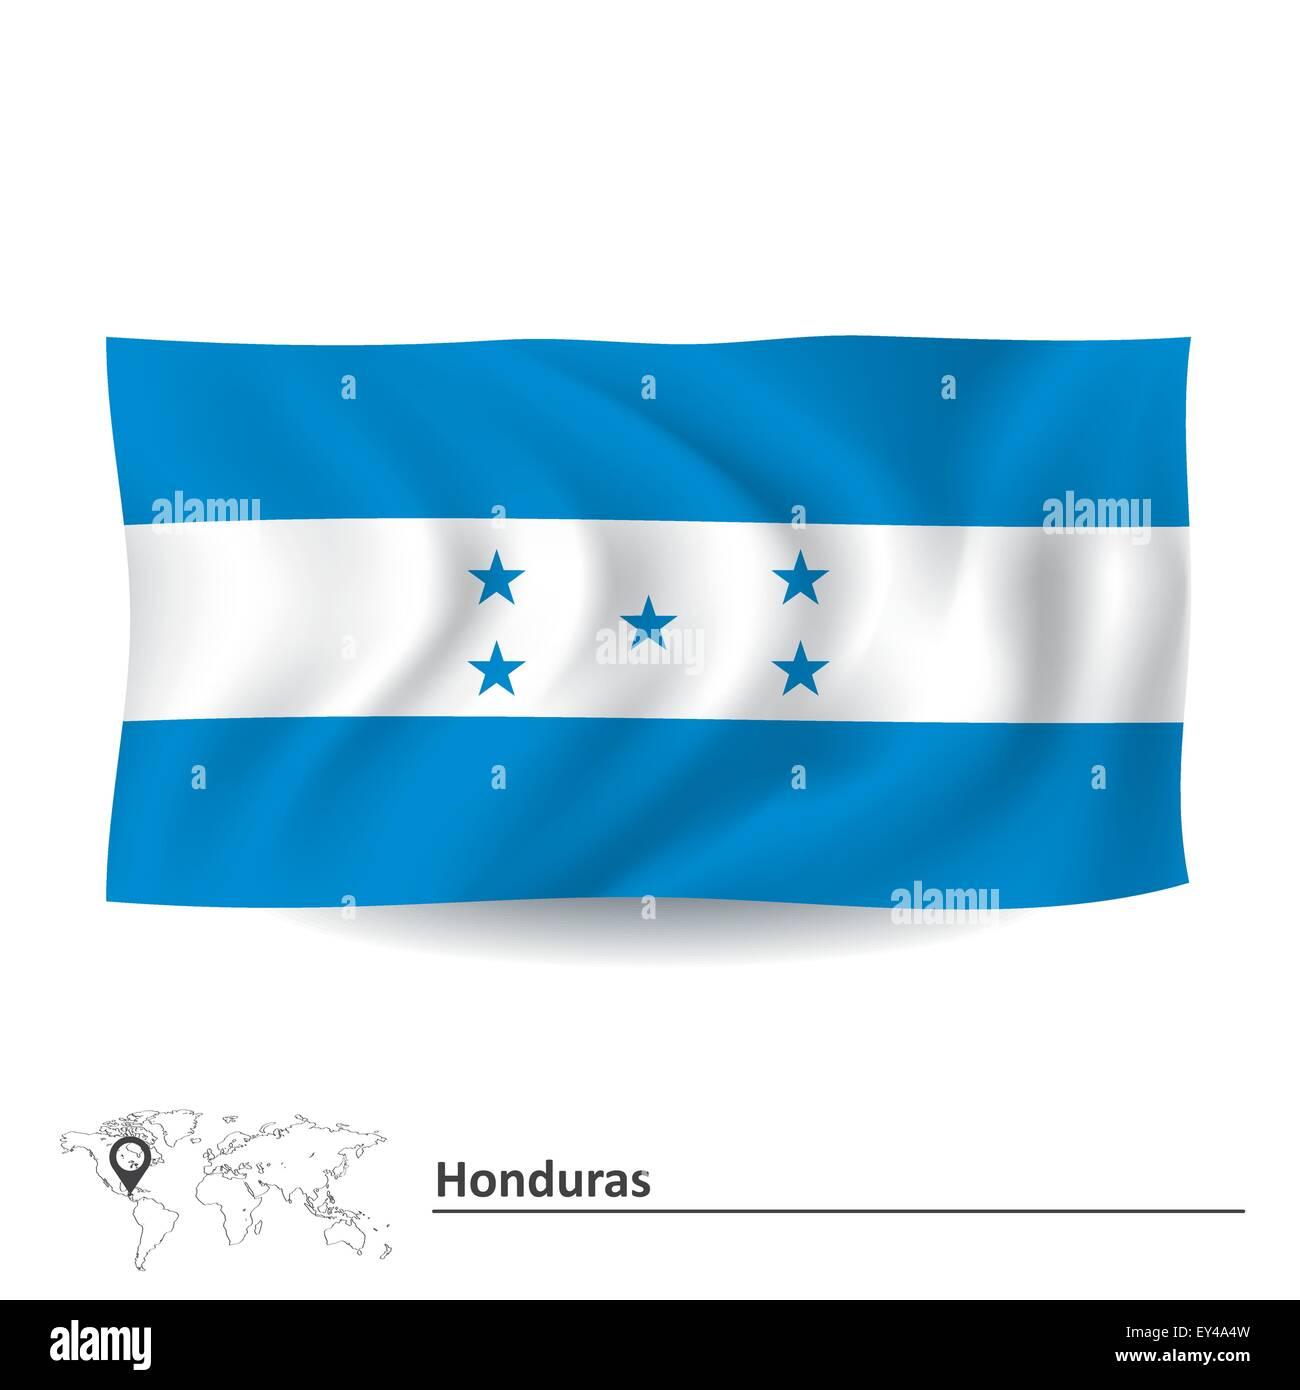 Flag of Honduras - vector illustration Stock Vector